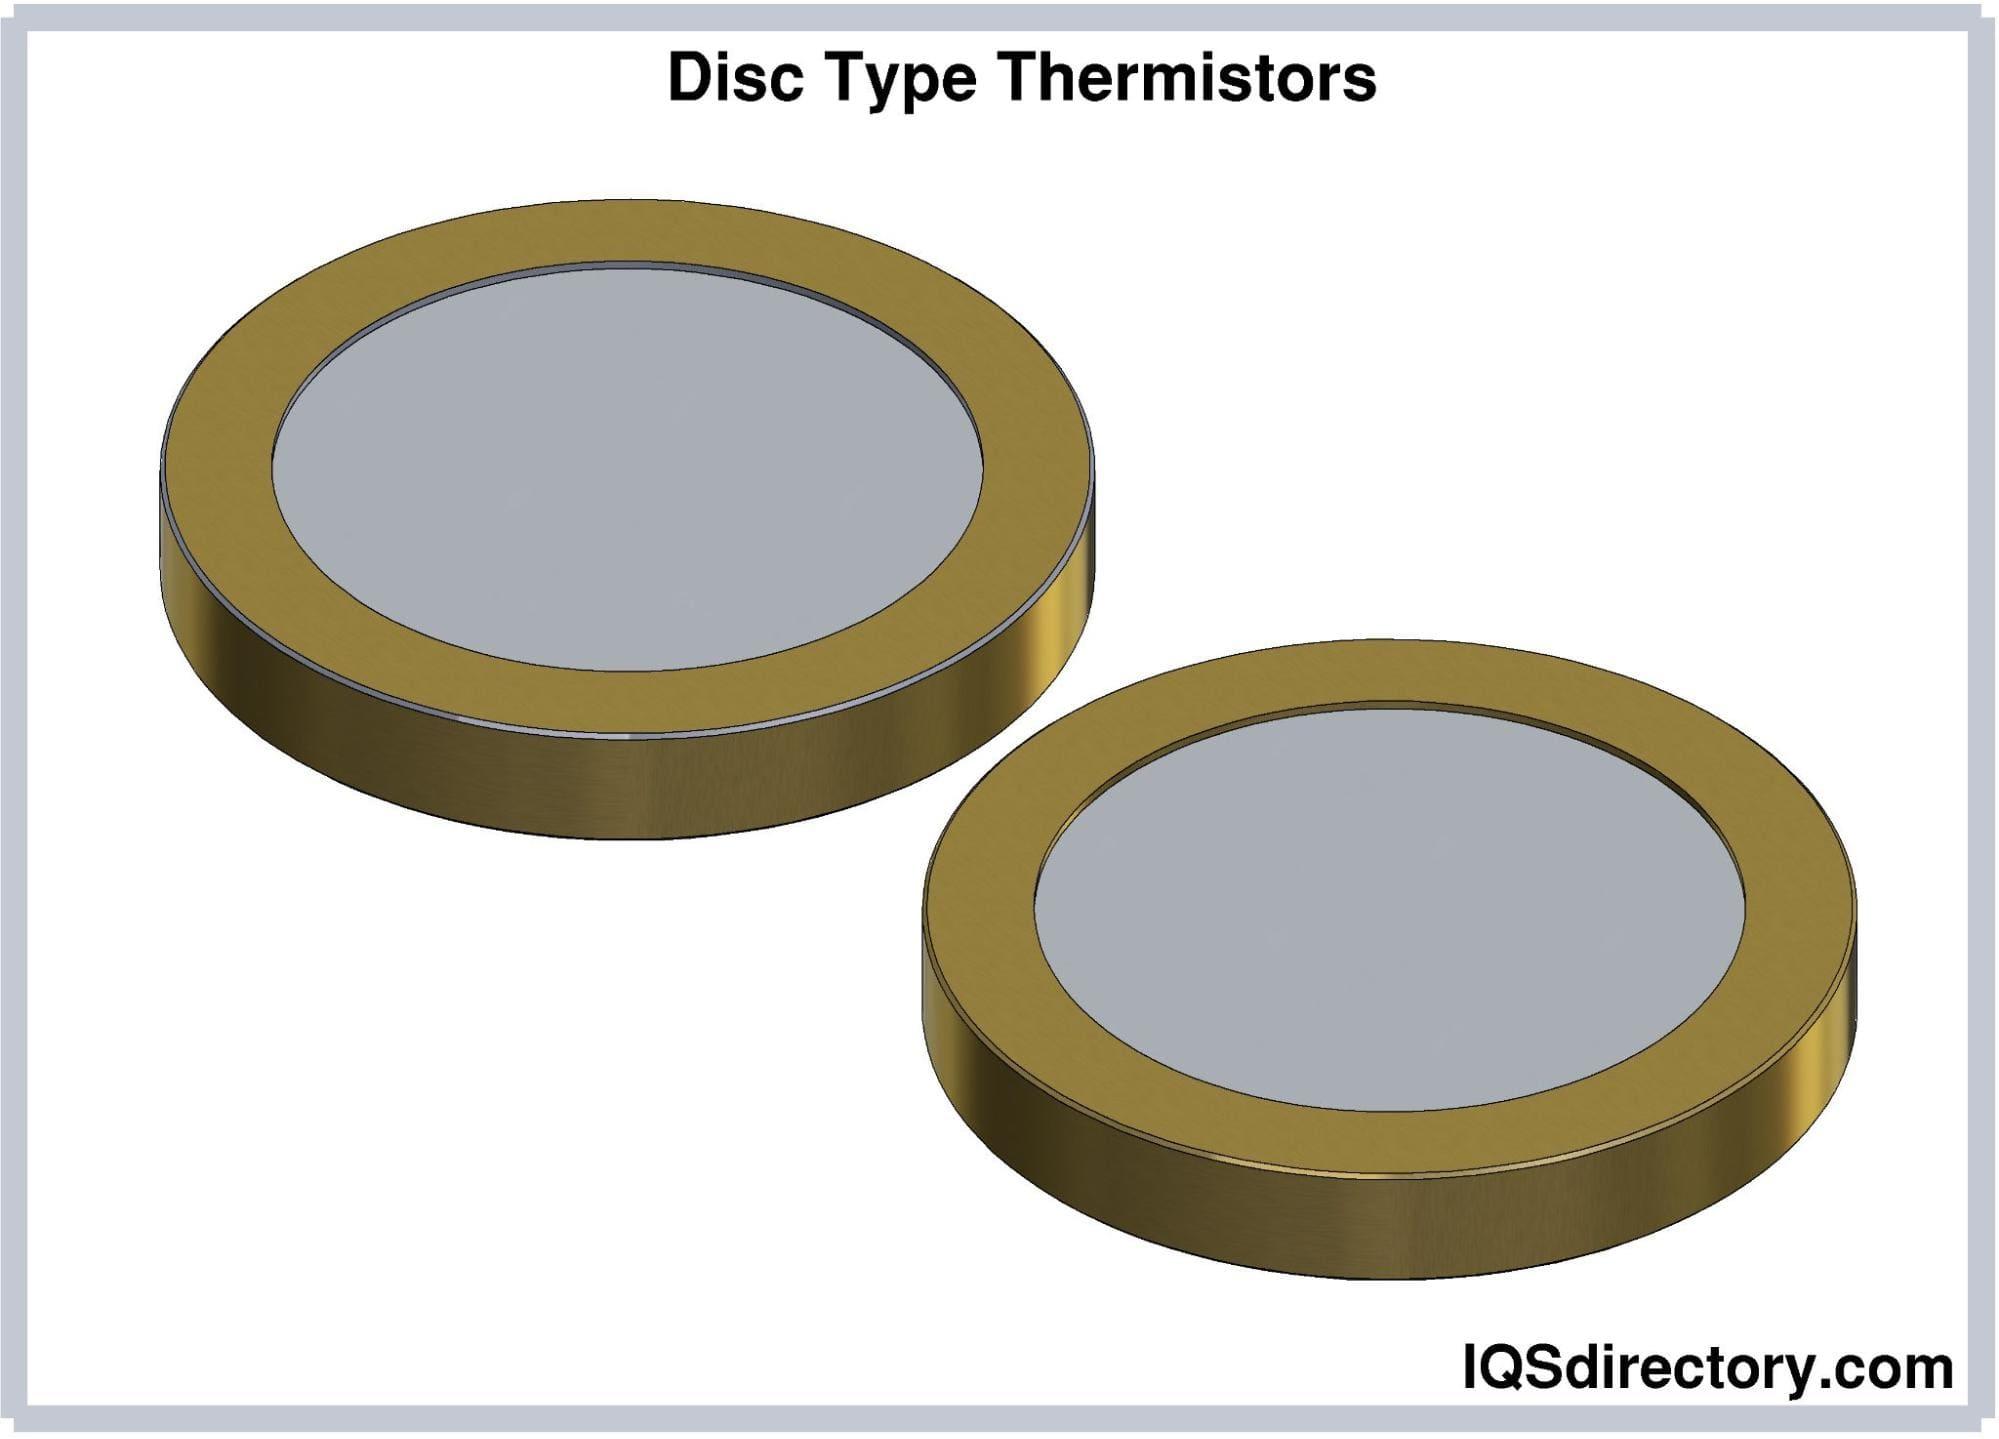 Disc Type Thermistors